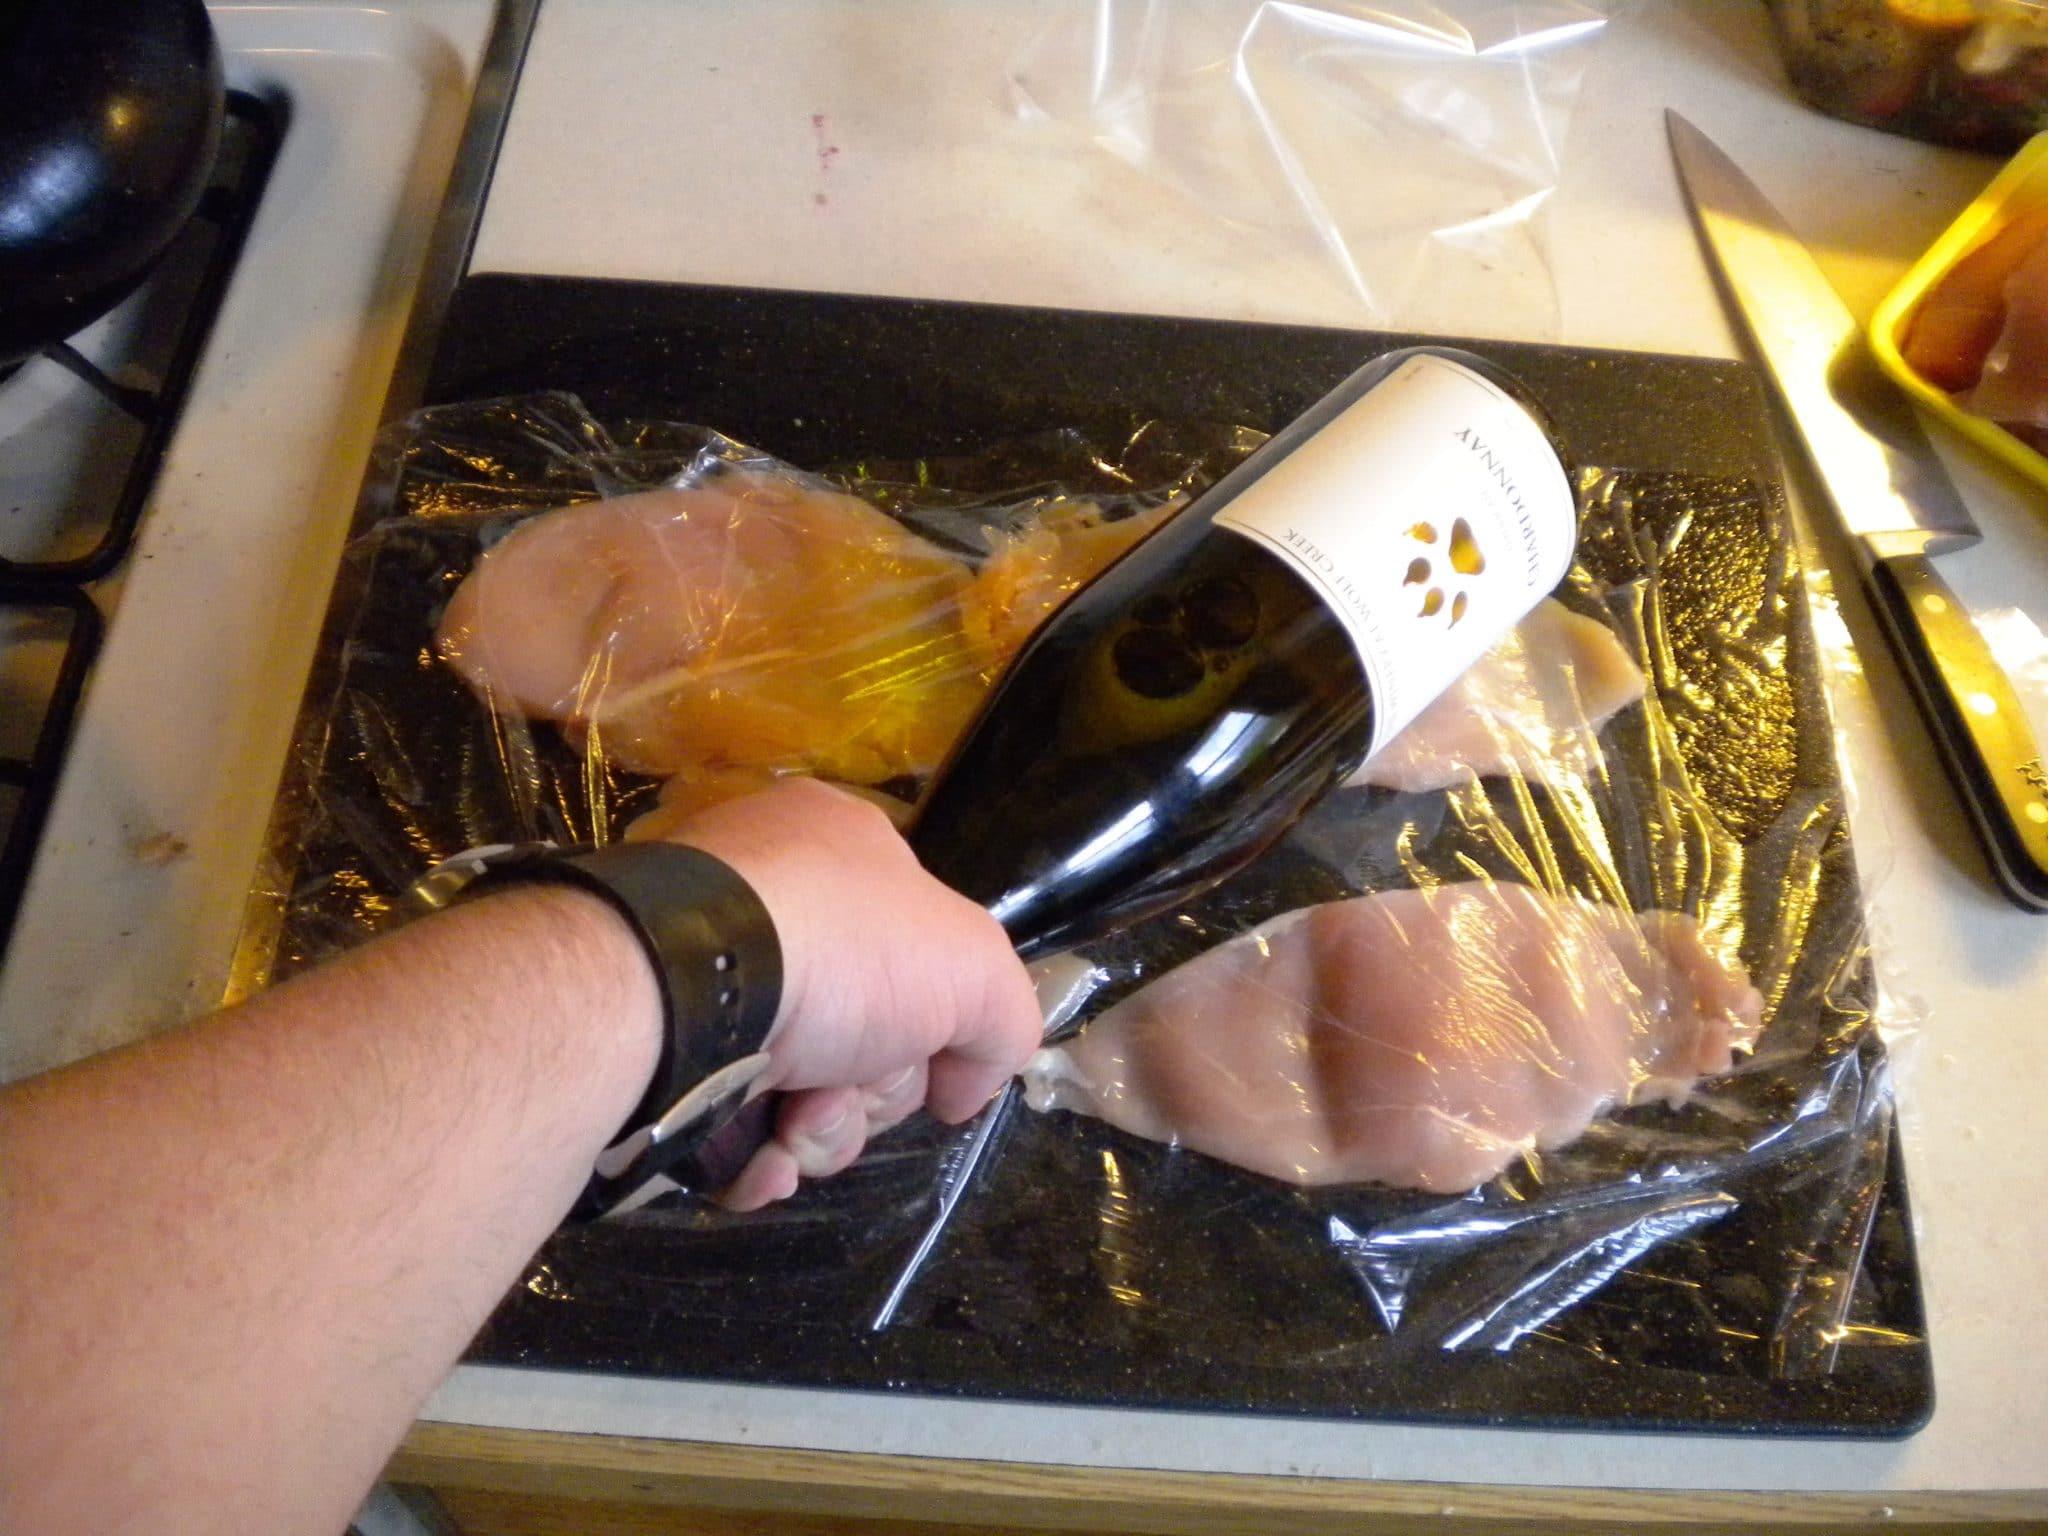 chicken breast preparation, beating chicken breast